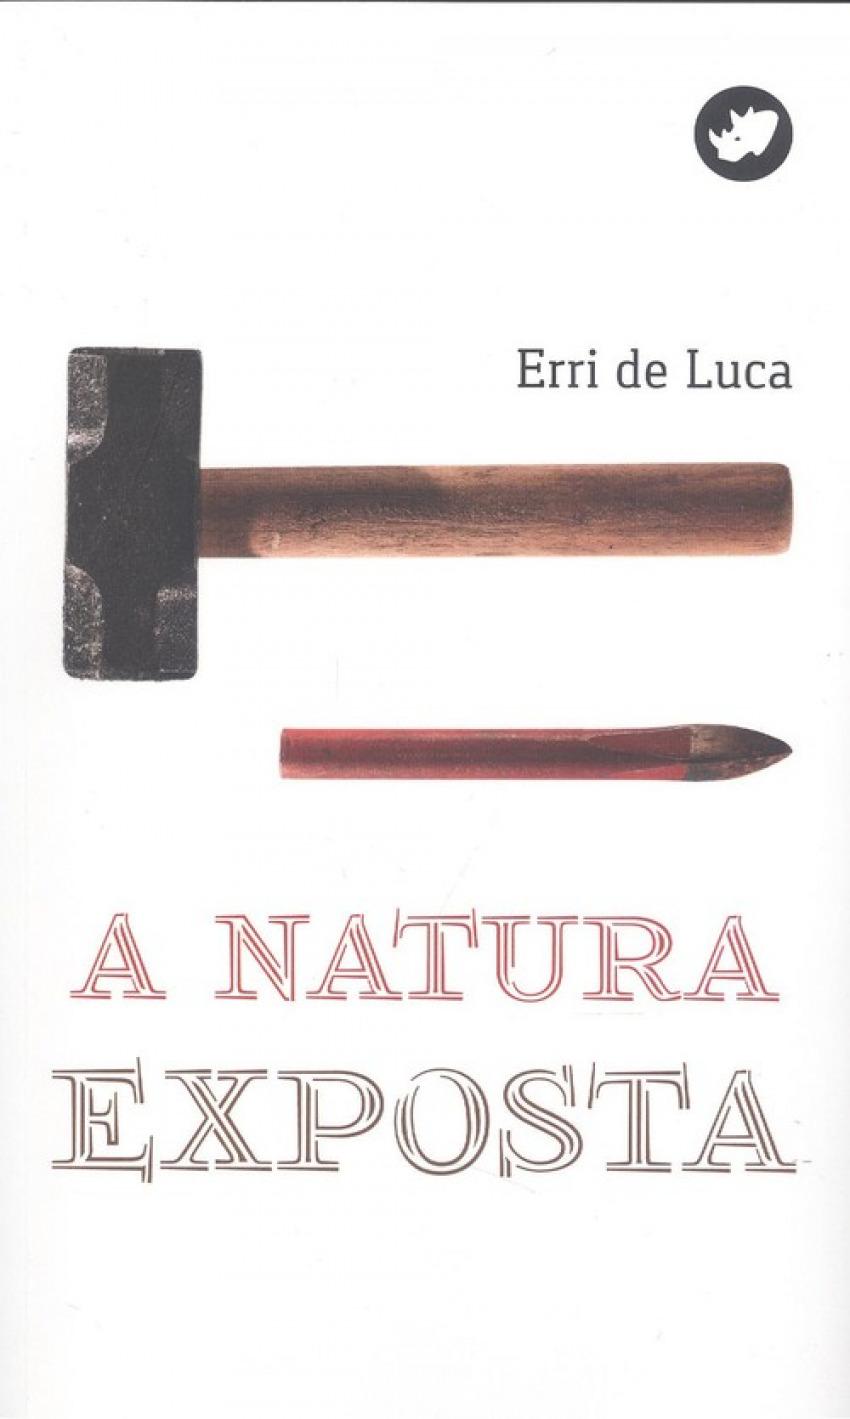 A natura exposta